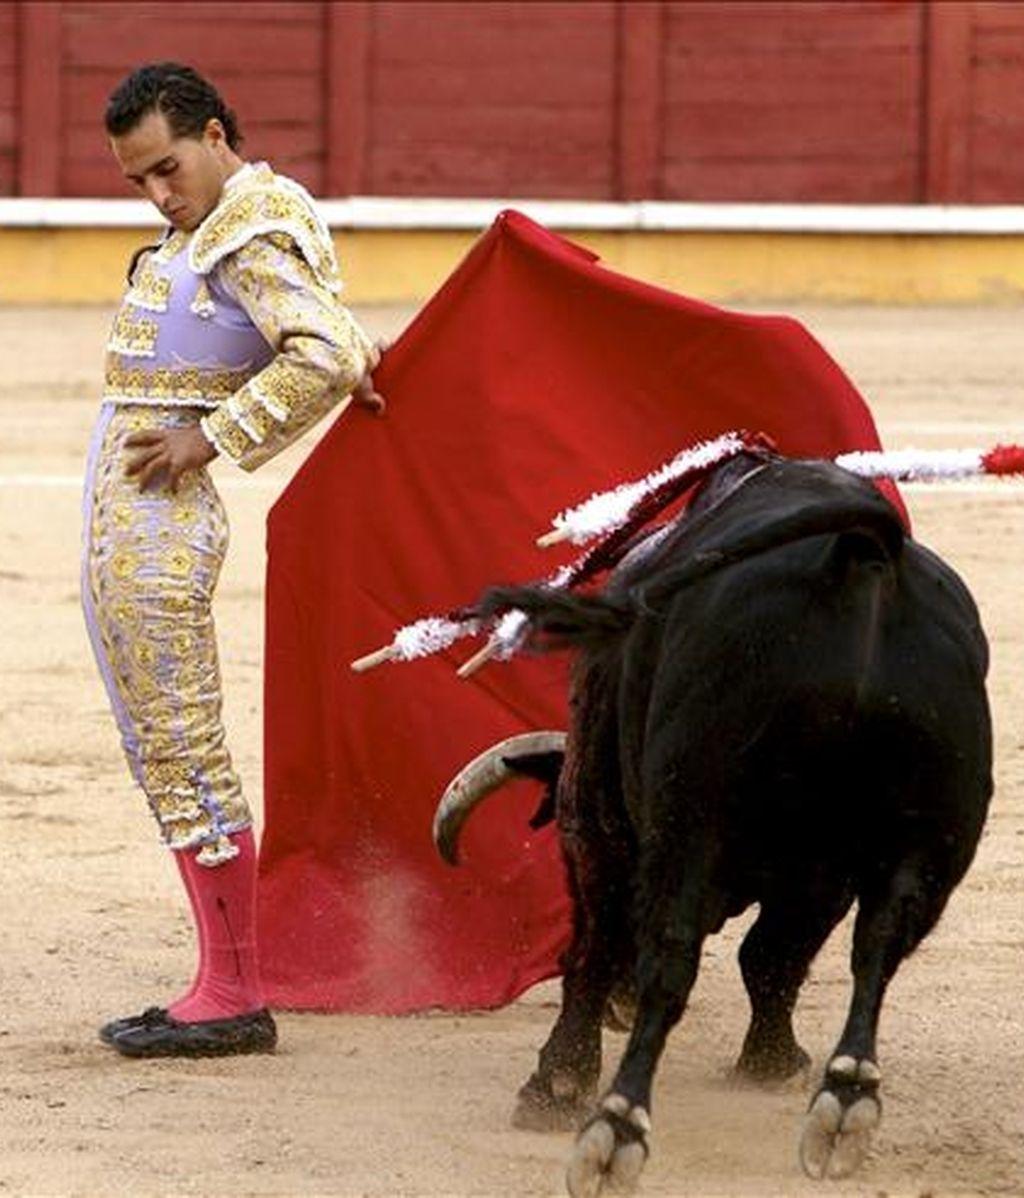 Imagen del diestro Iván Fandiño durante un pase cambiado con la muleta. EFE/Archivo